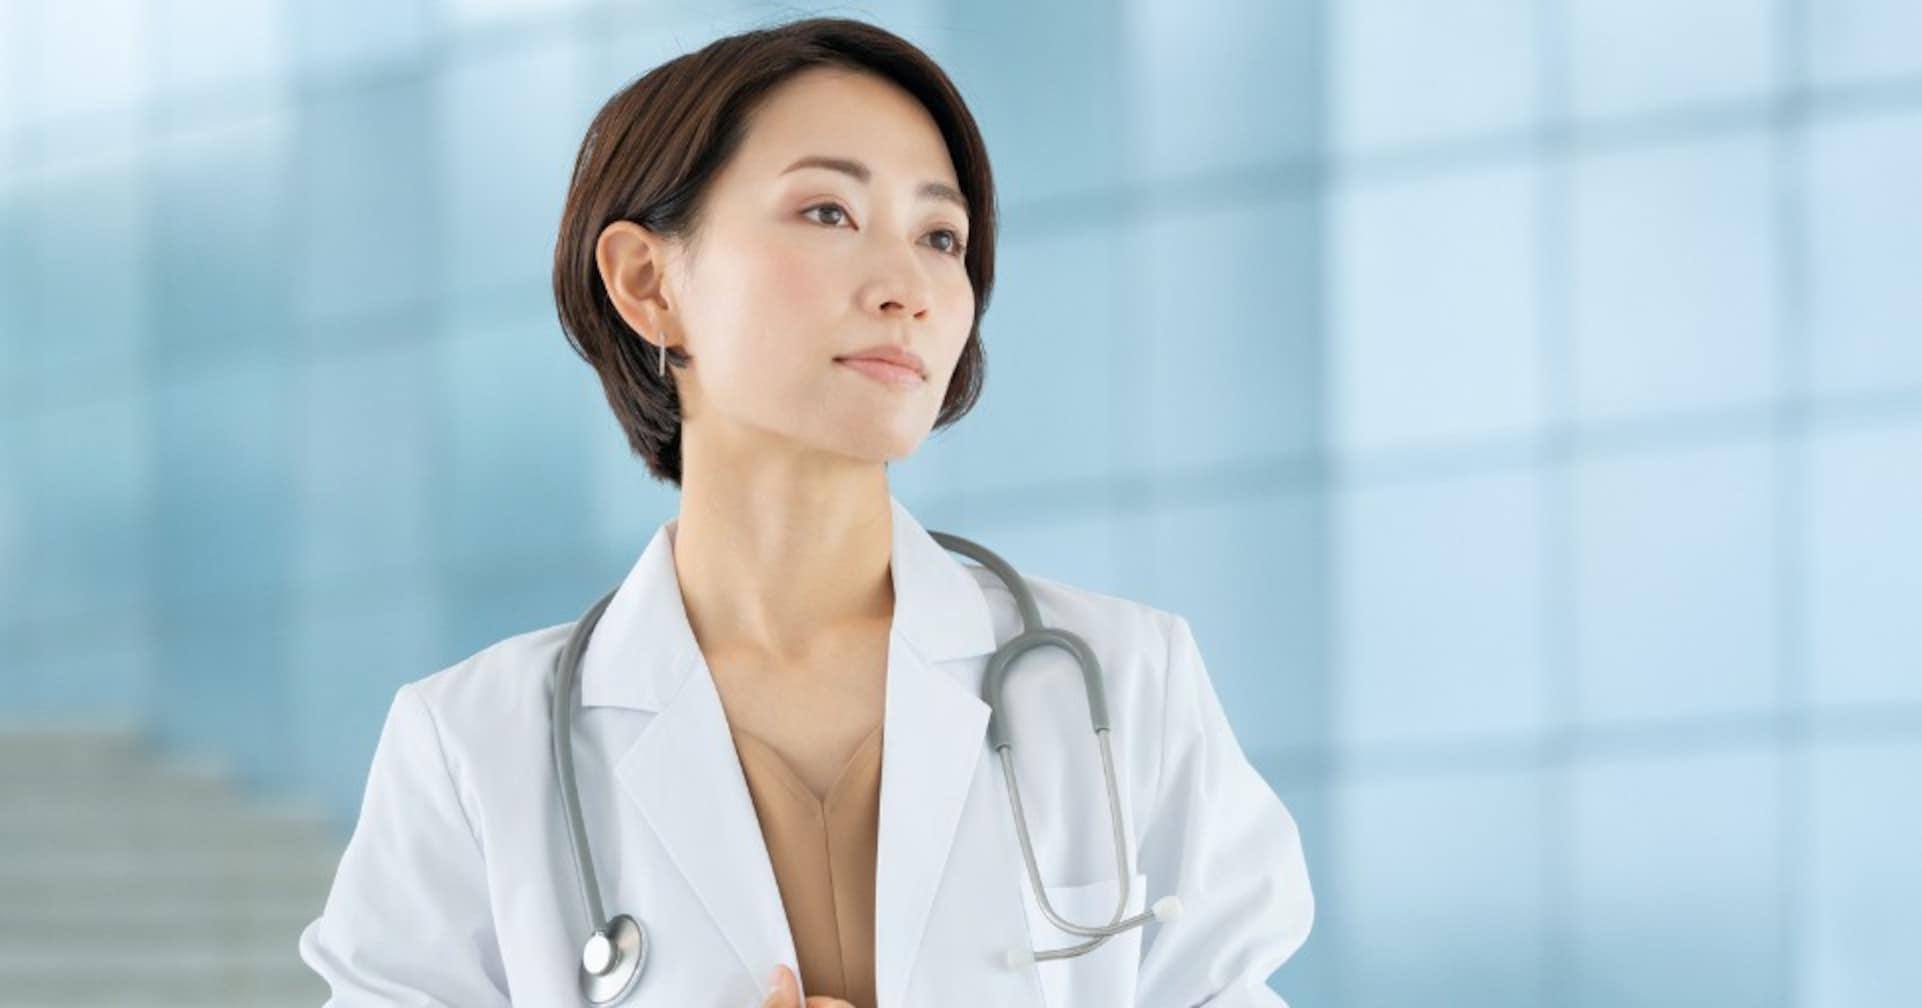 女性医療従事者が髪を切った方が良い理由に心から感謝しかない…「尊敬しかない」「気をつけなくては」